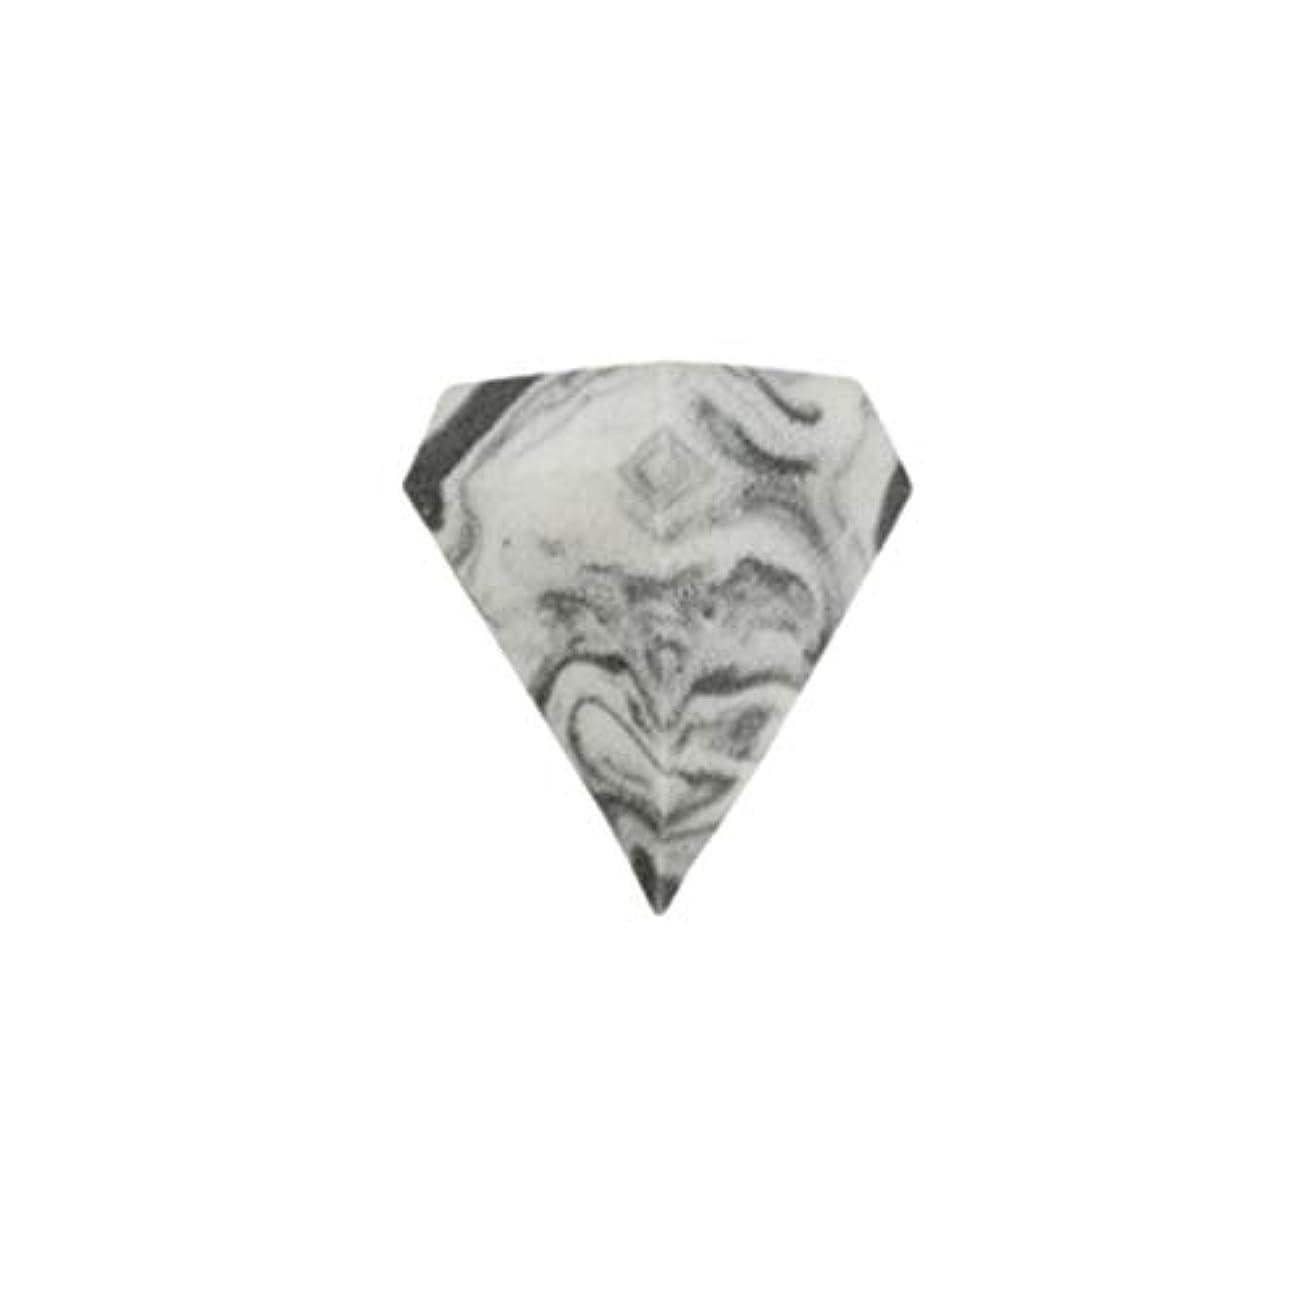 テレマコスミニチュア争い美のスポンジ、柔らかいダイヤモンド形の構造の混合物の基礎スポンジ